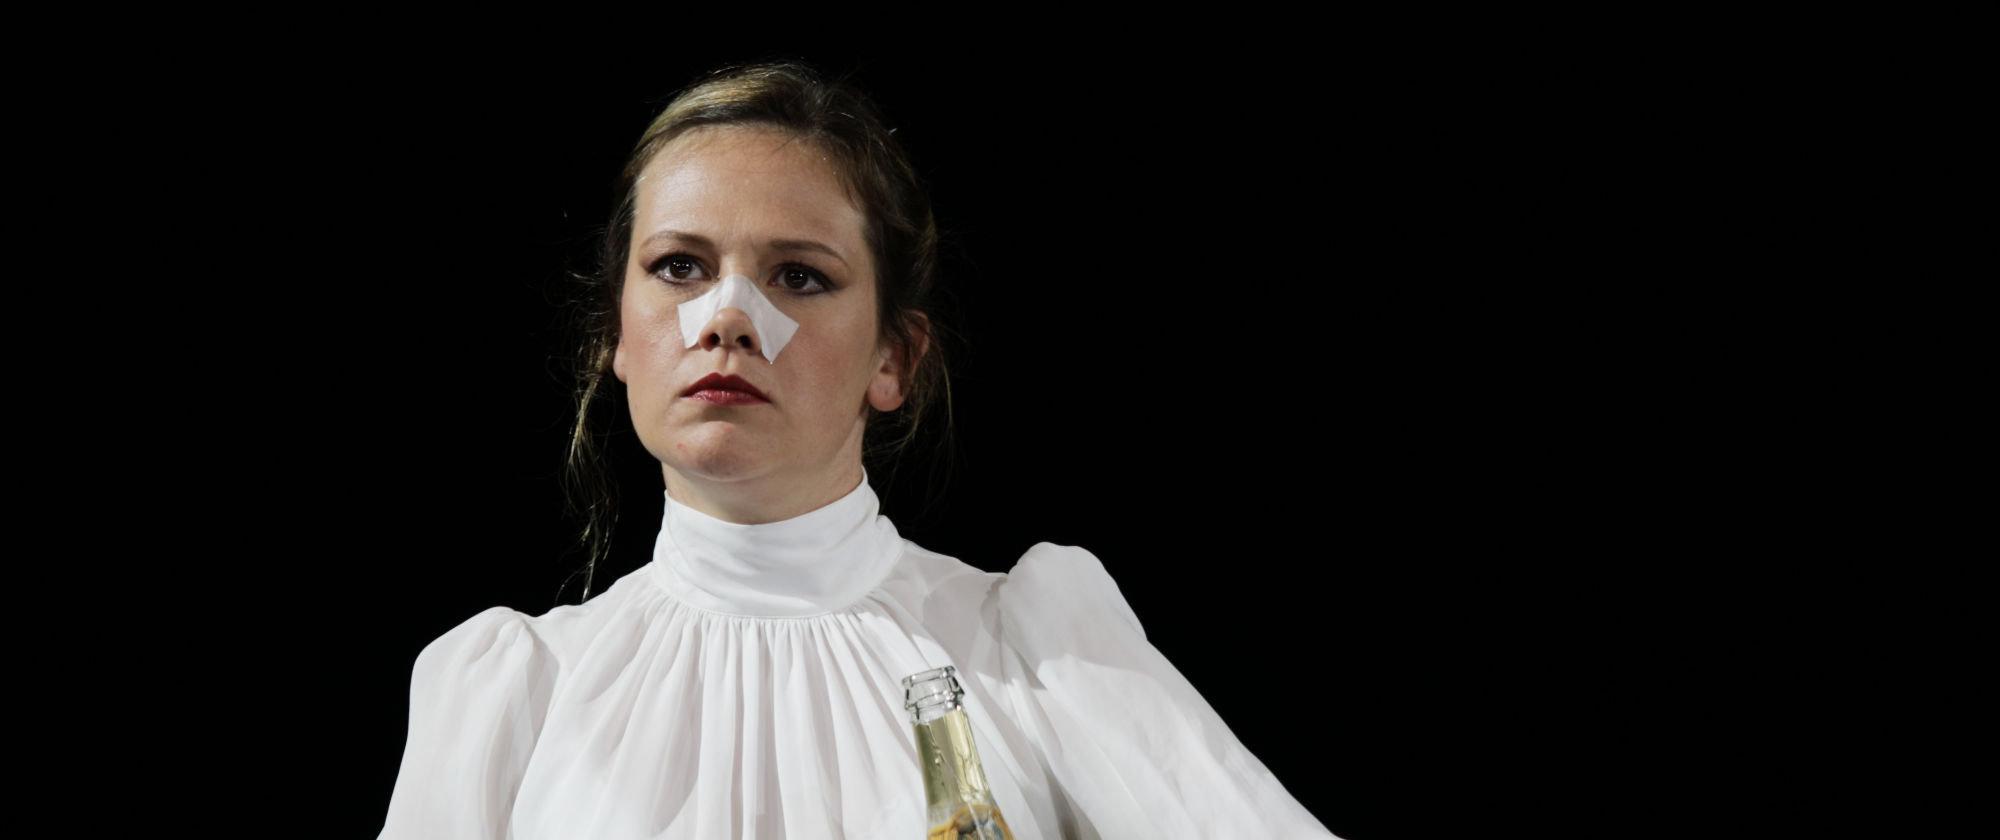 035-VIEL_LAERM_UM_NICHTS_Shakespeare_Regie_Malte_Kreutzfeldt_Staatstheater_Augsburg_2018